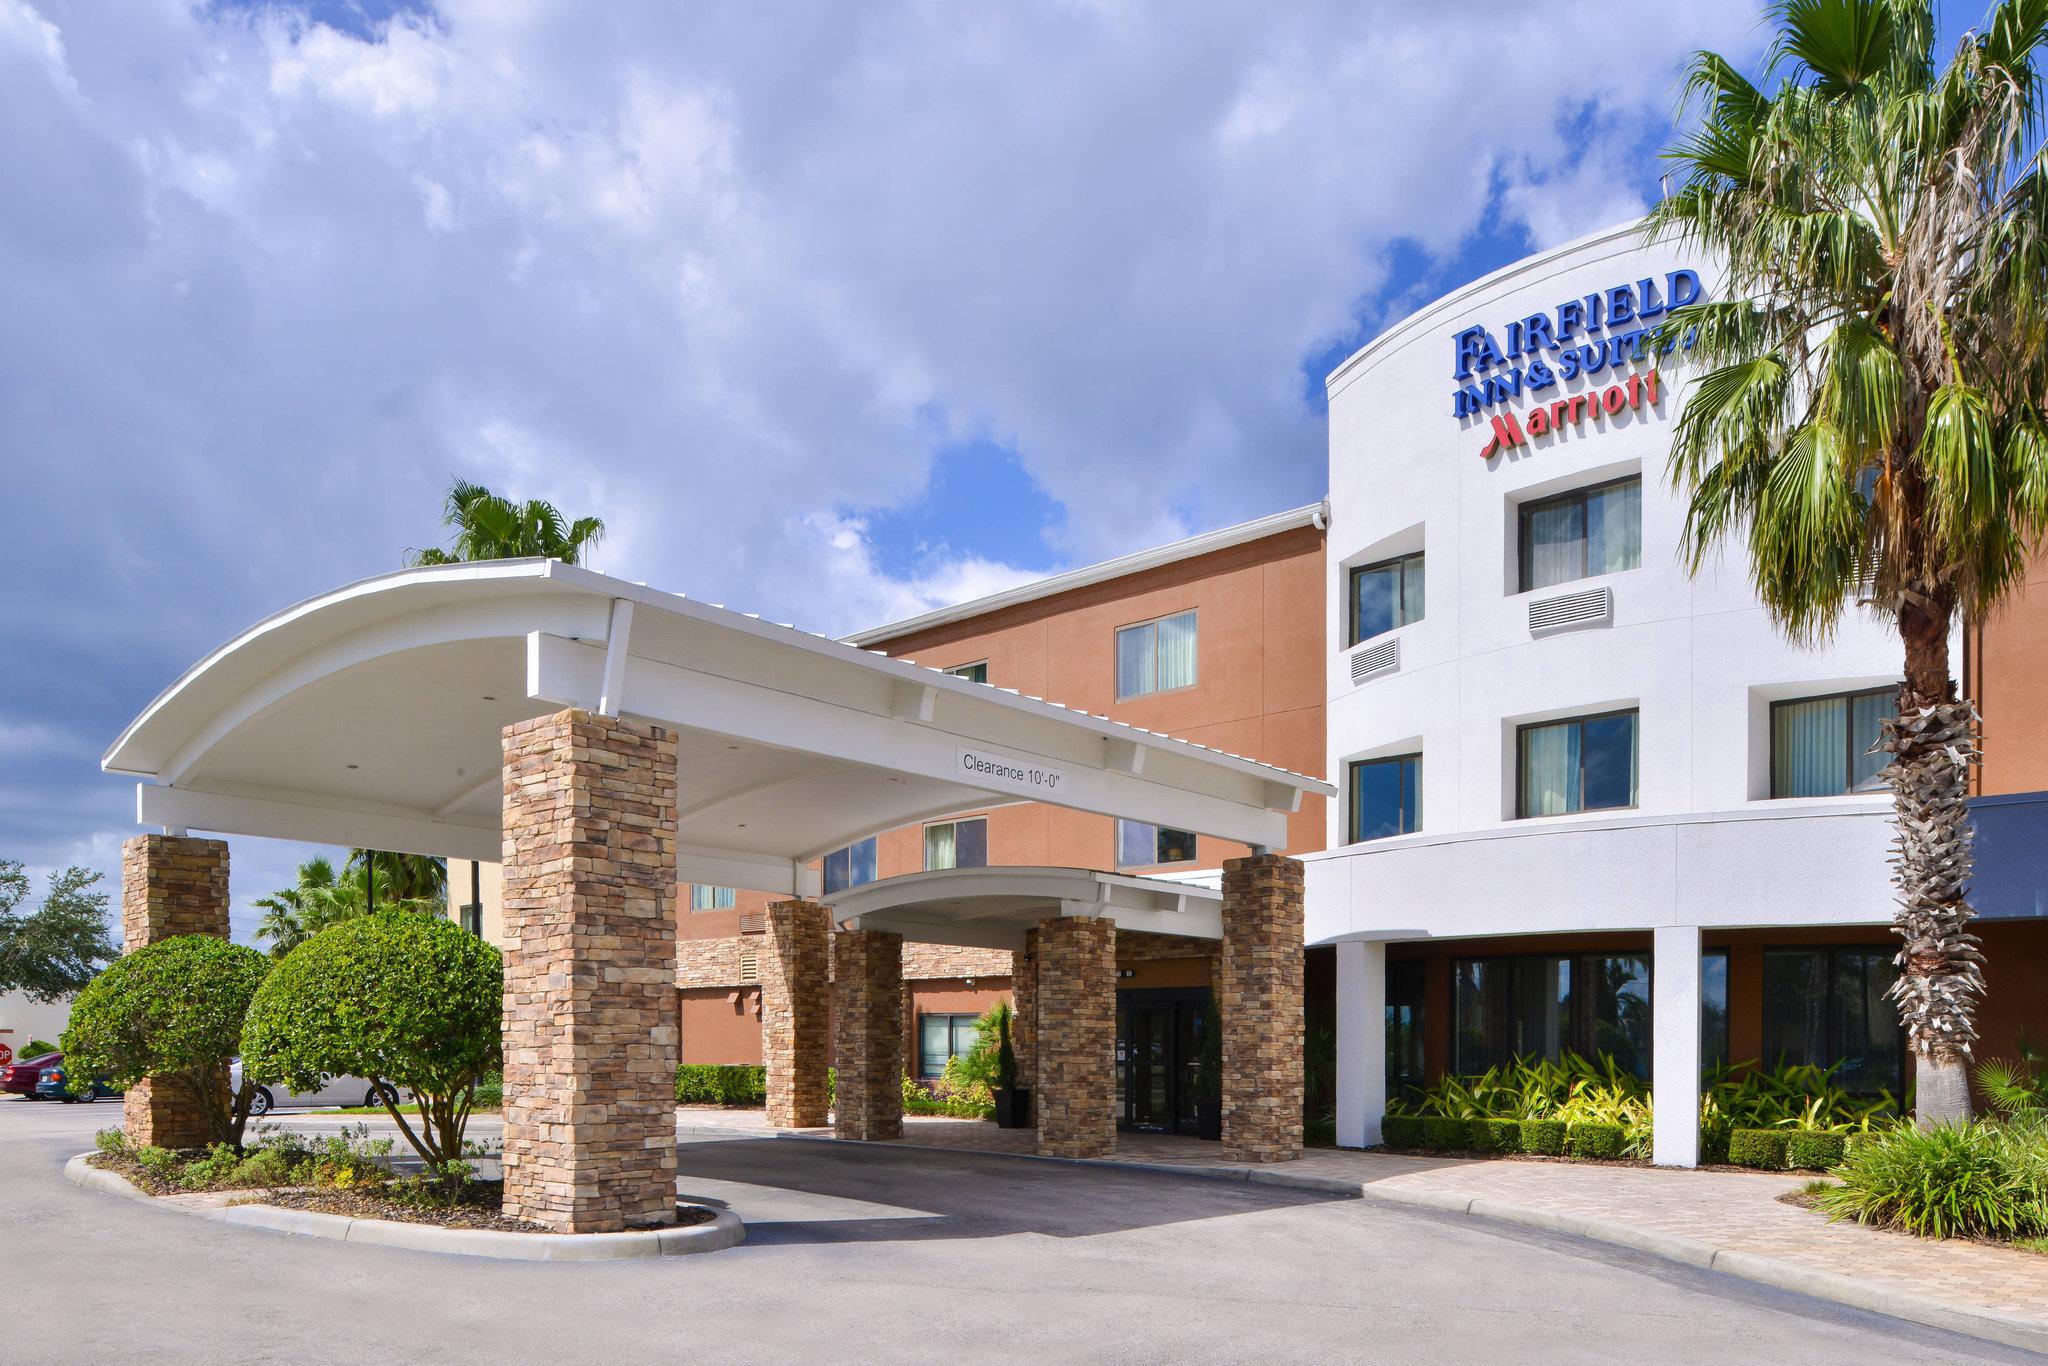 Fairfield Inn and Suites by Marriott Orlando Ocoee